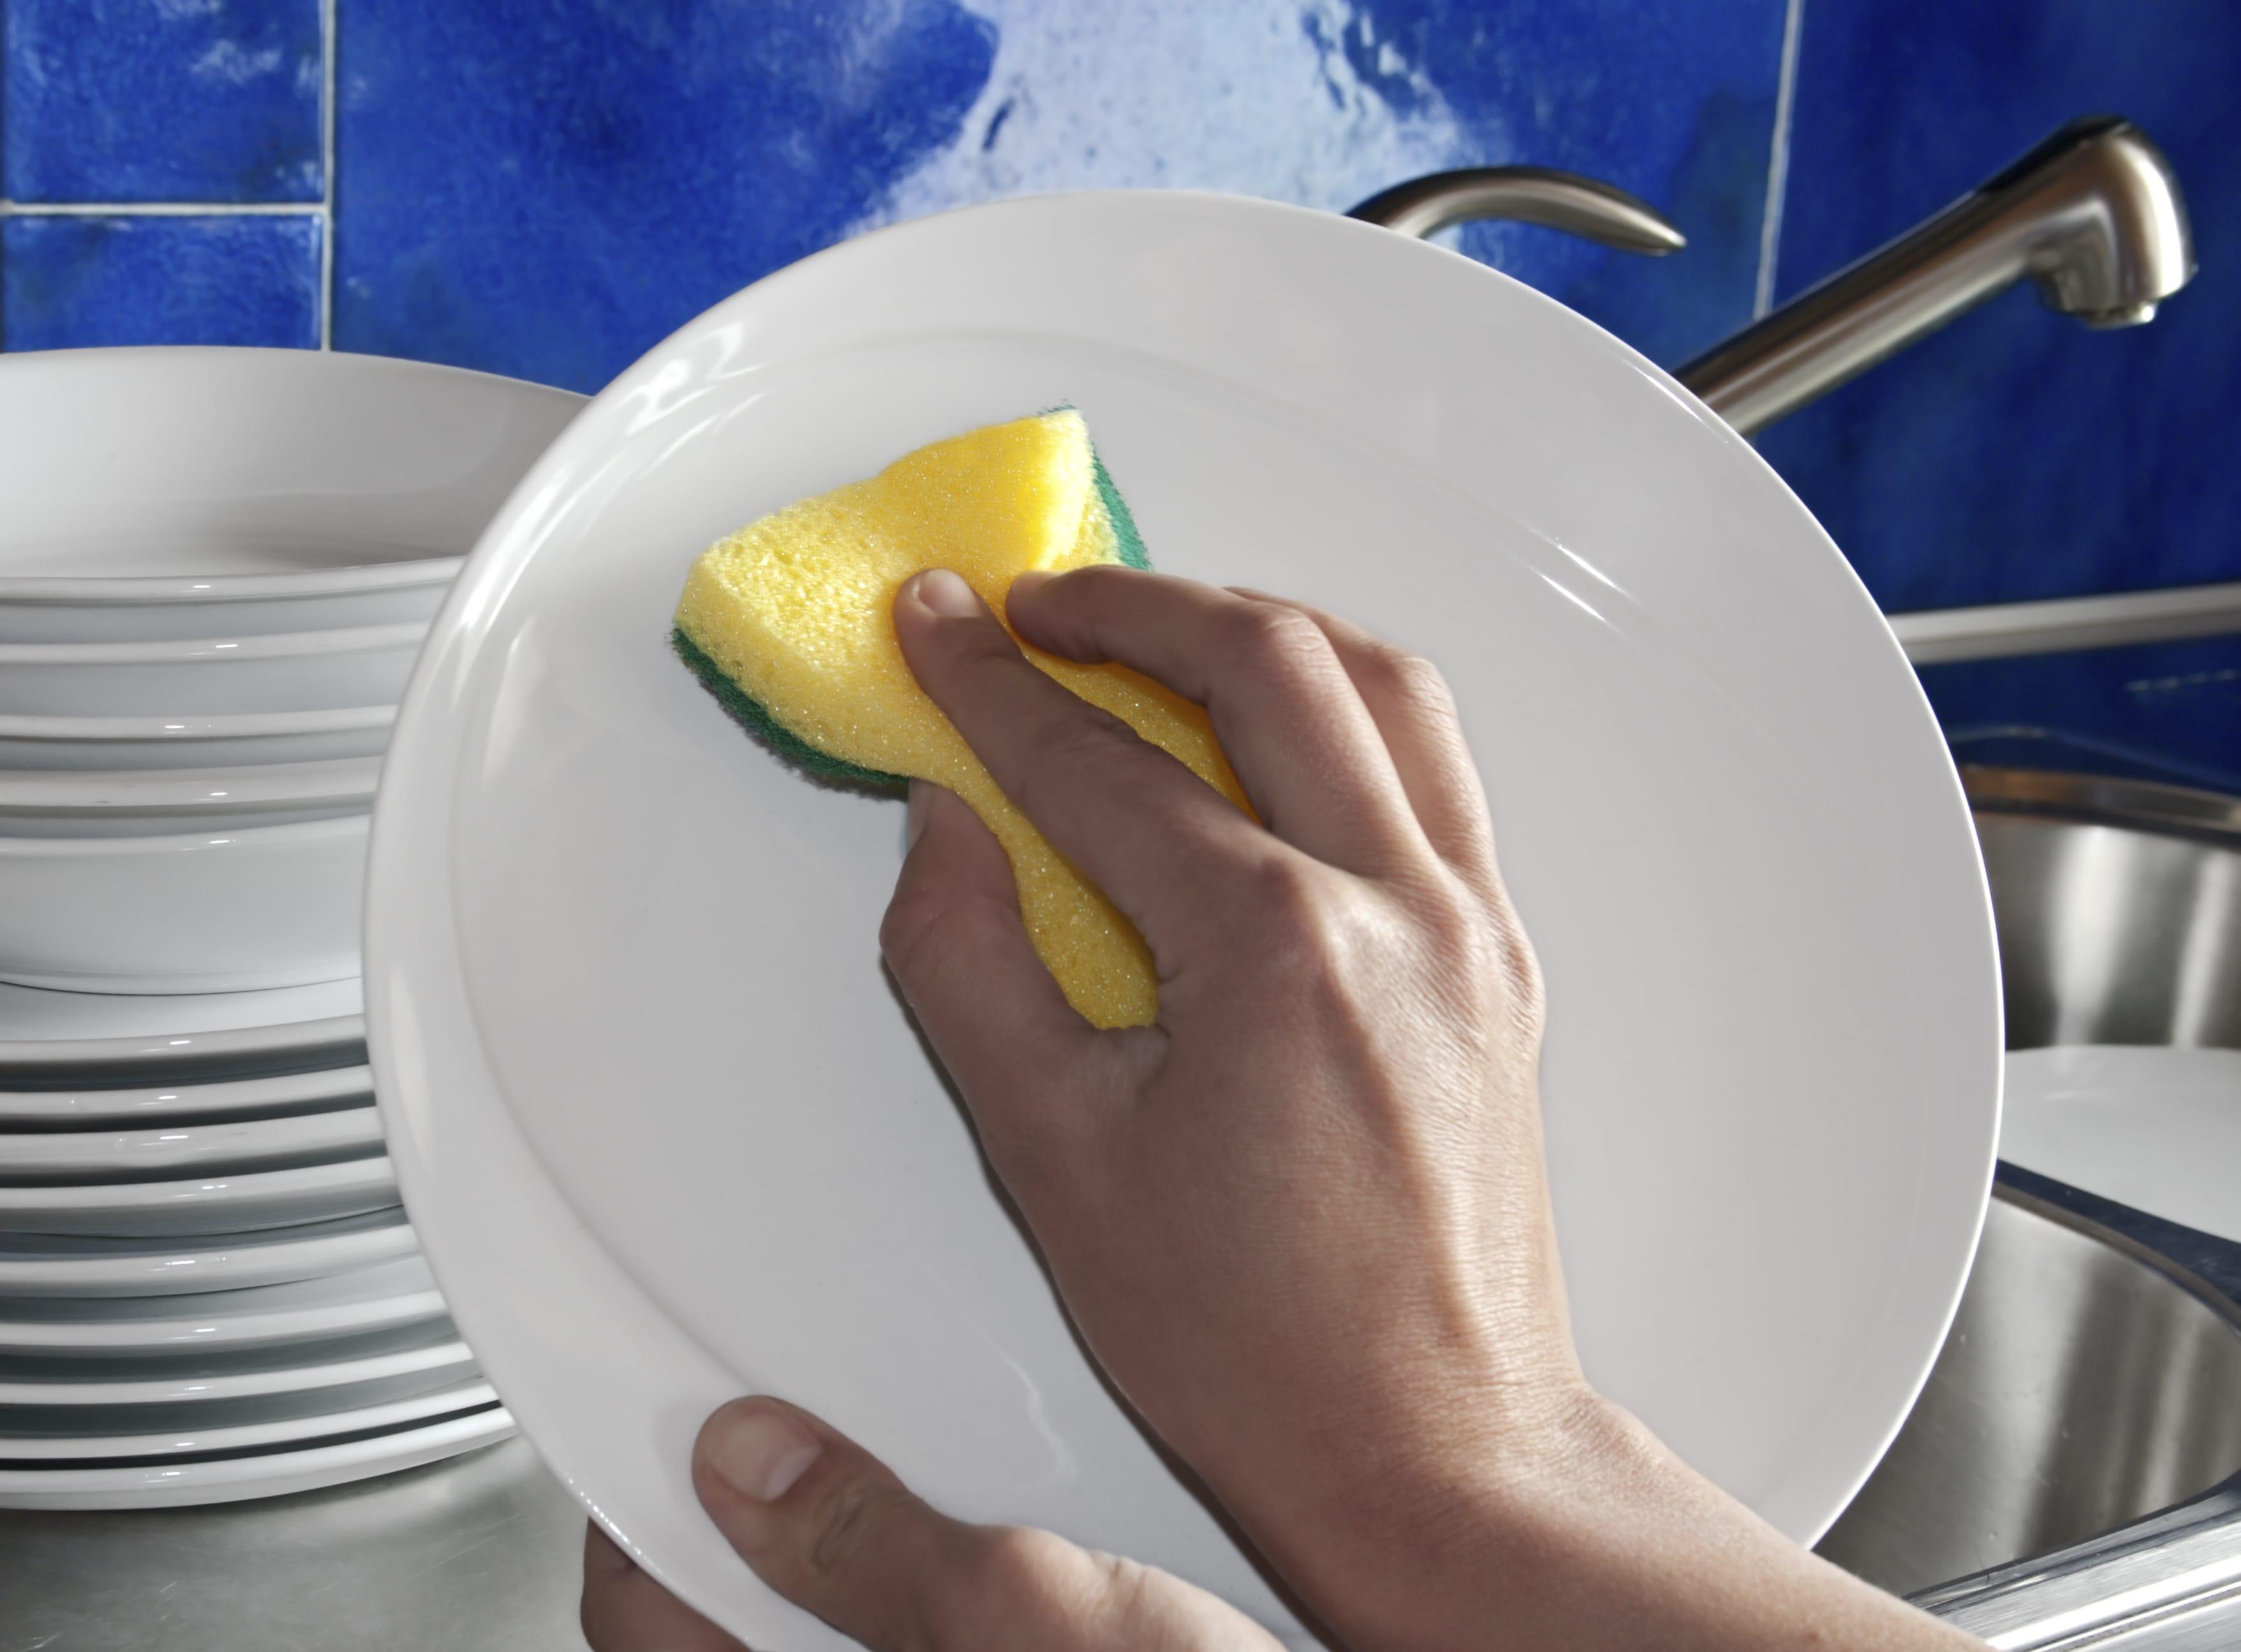 Detersivo per piatti fatto in casa non sprecare - Piatti per la casa ...